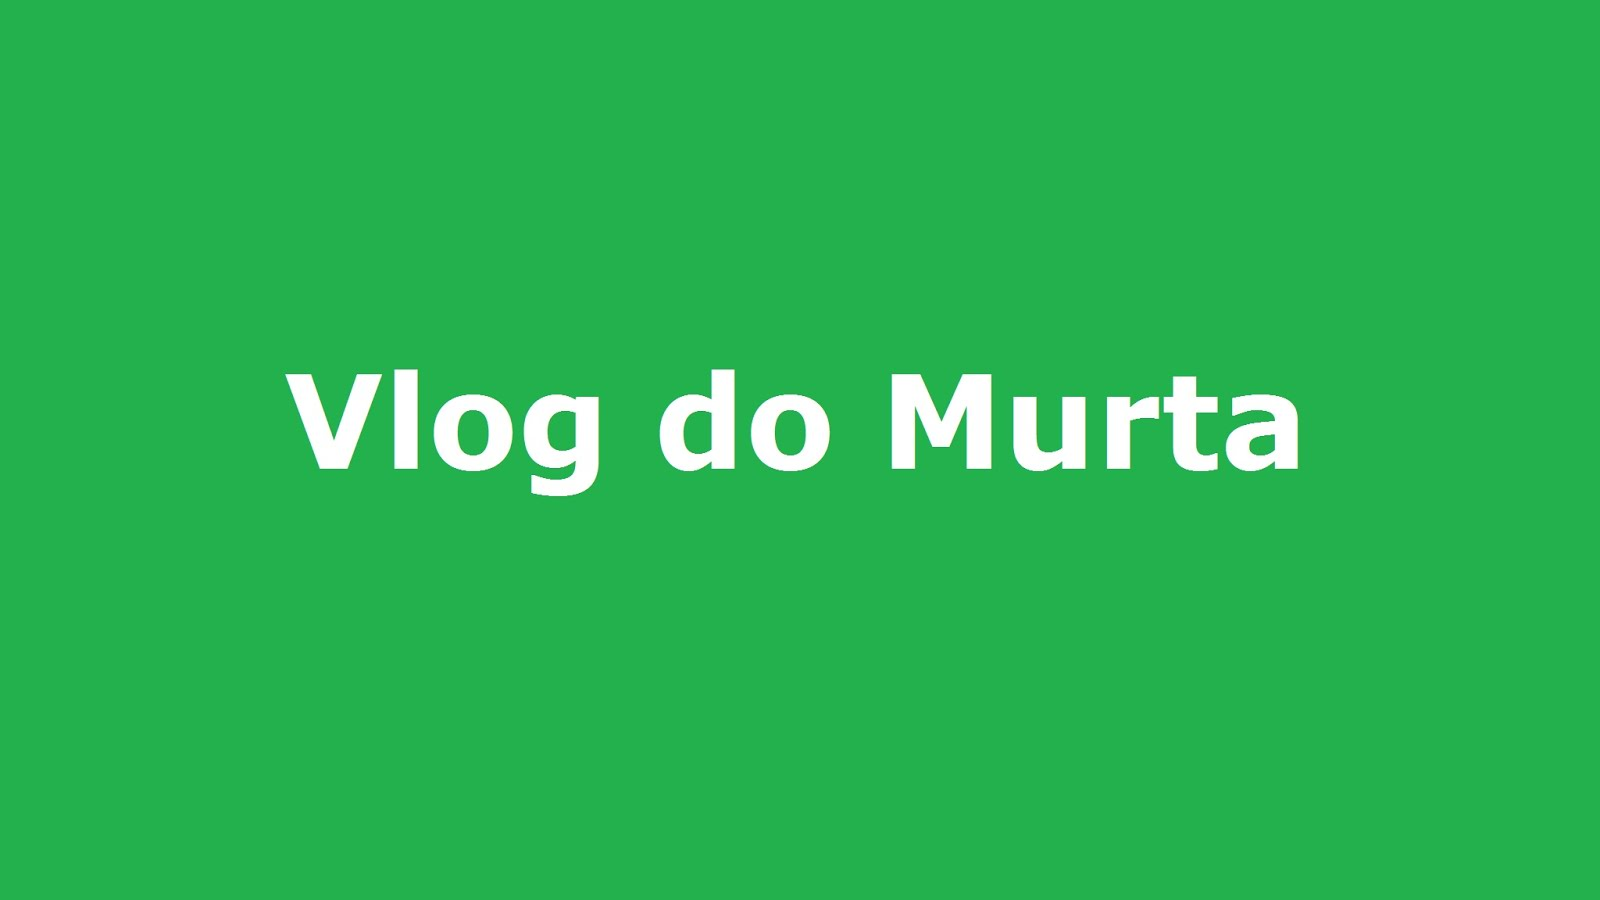 Ouça as opiniões de Fernando Murta a respeito de diferentes temas, principalmente futebol.